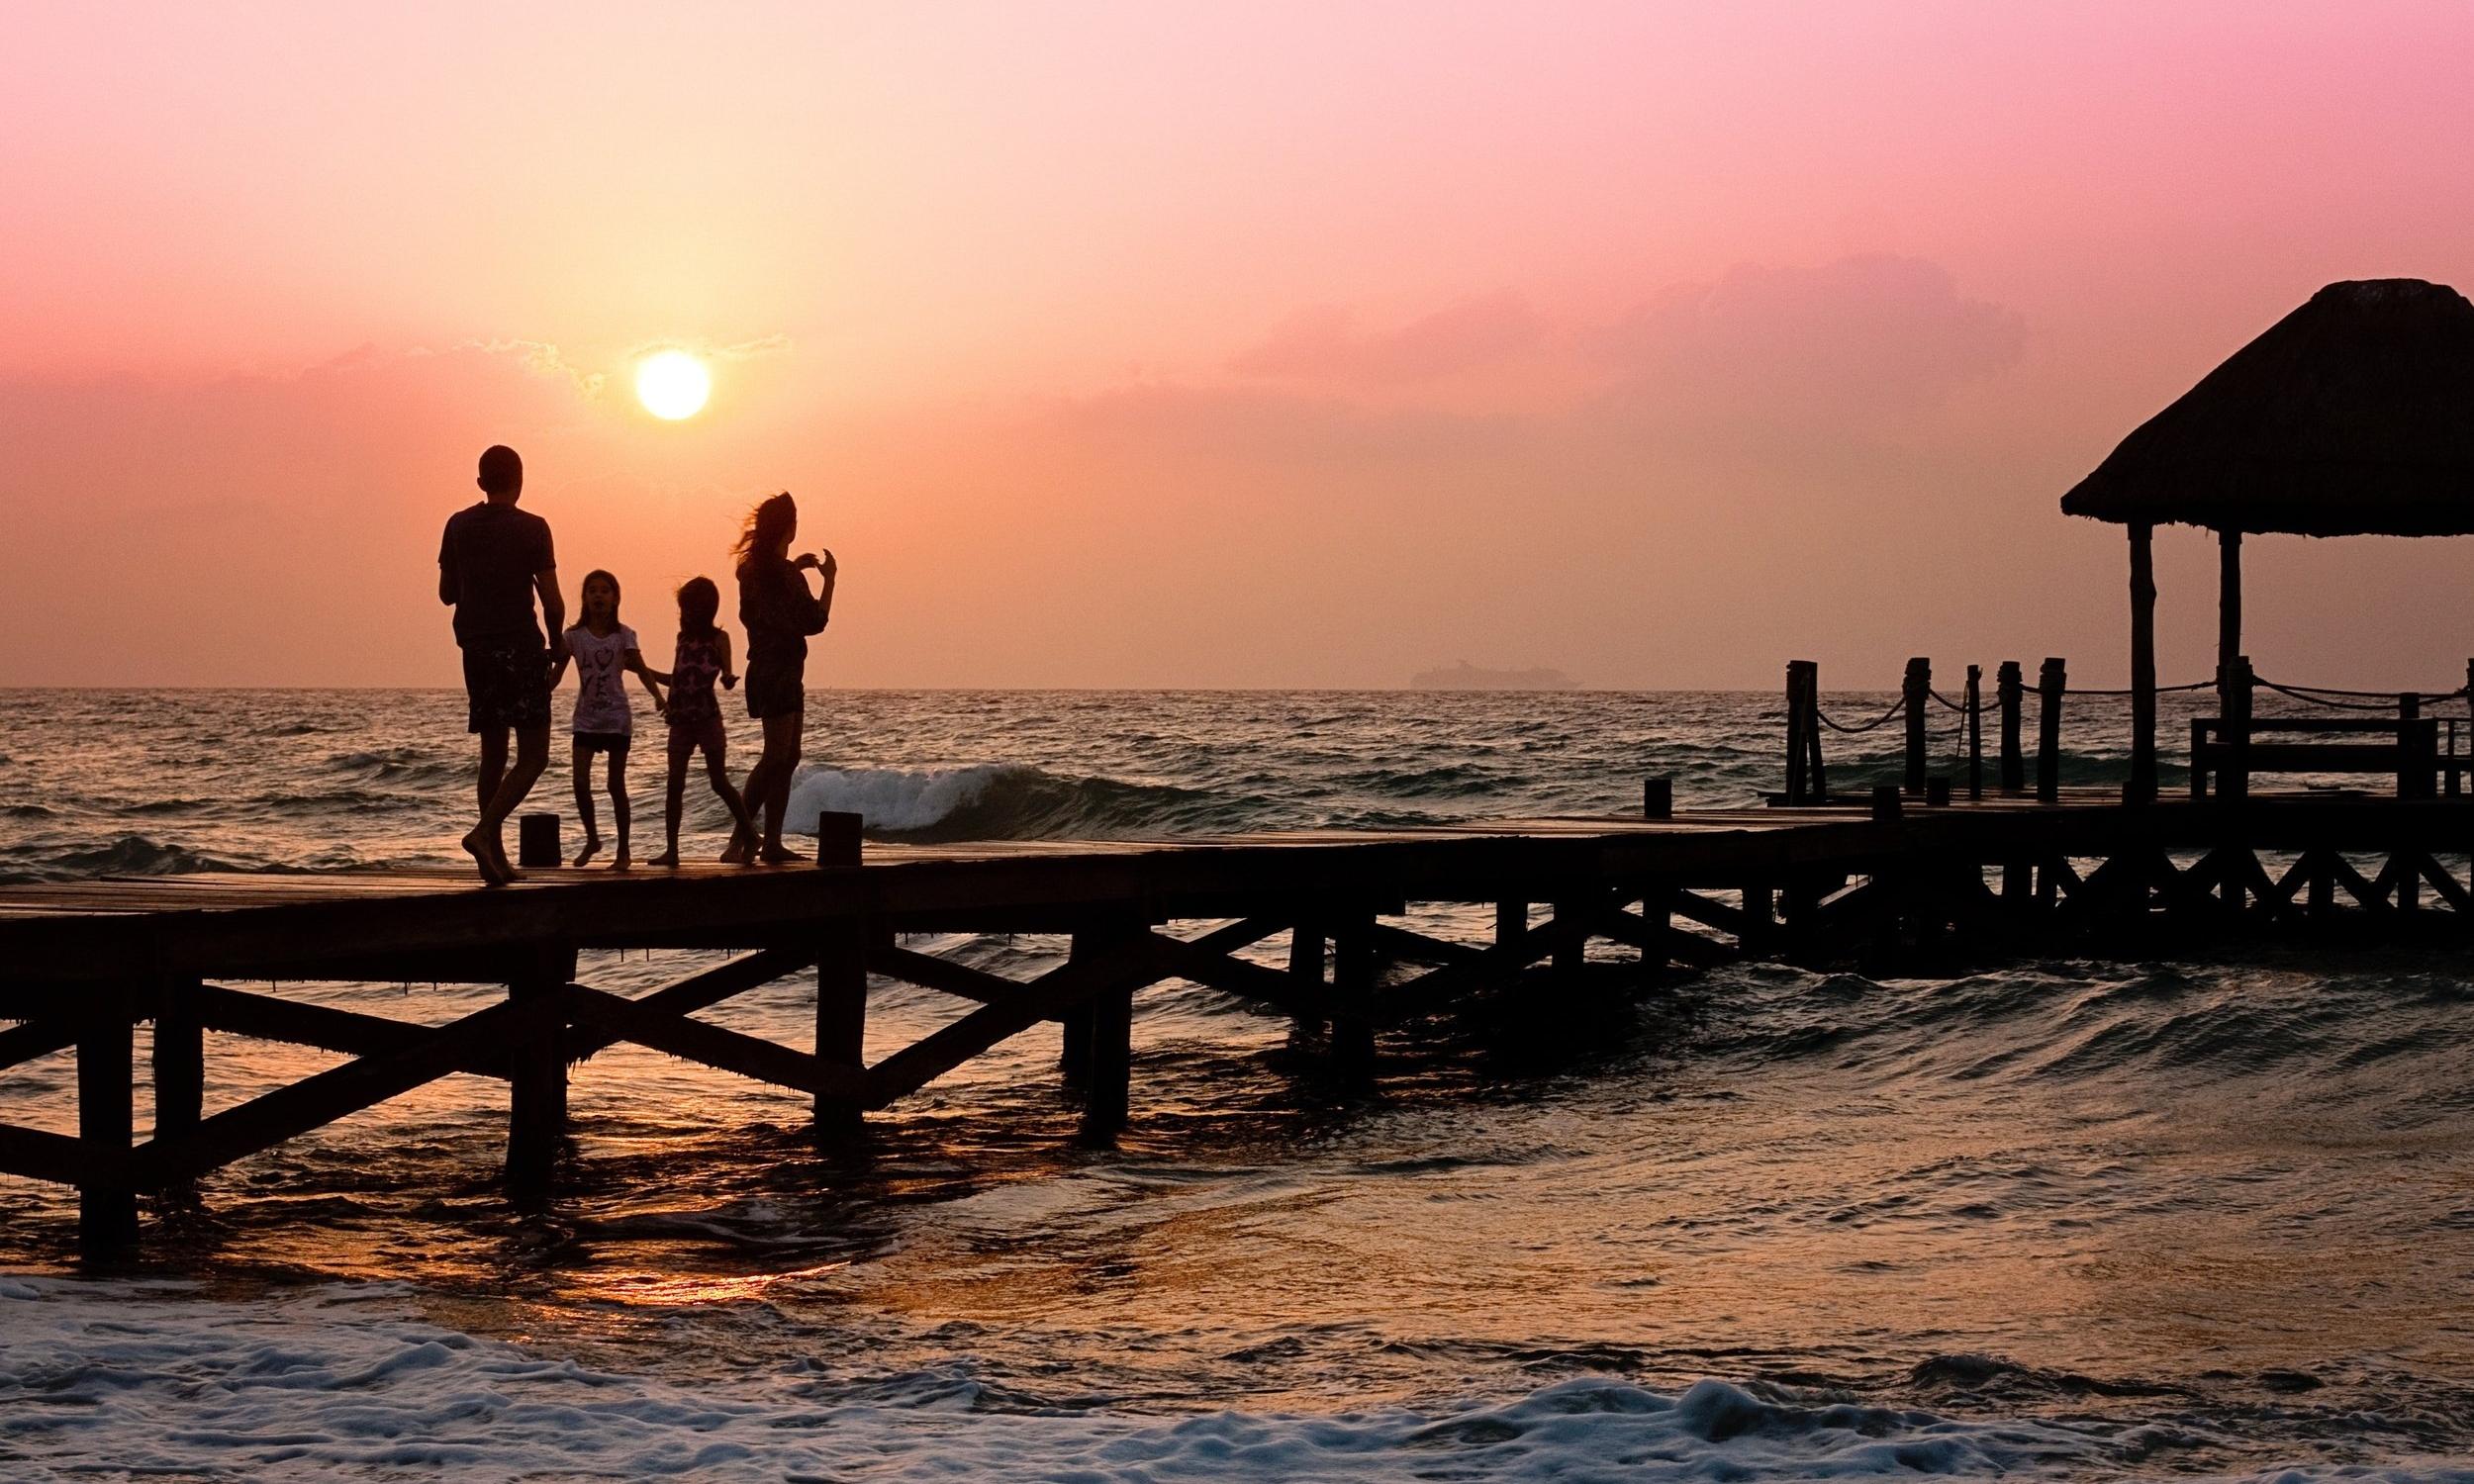 family-pier-man-woman-39691.jpeg